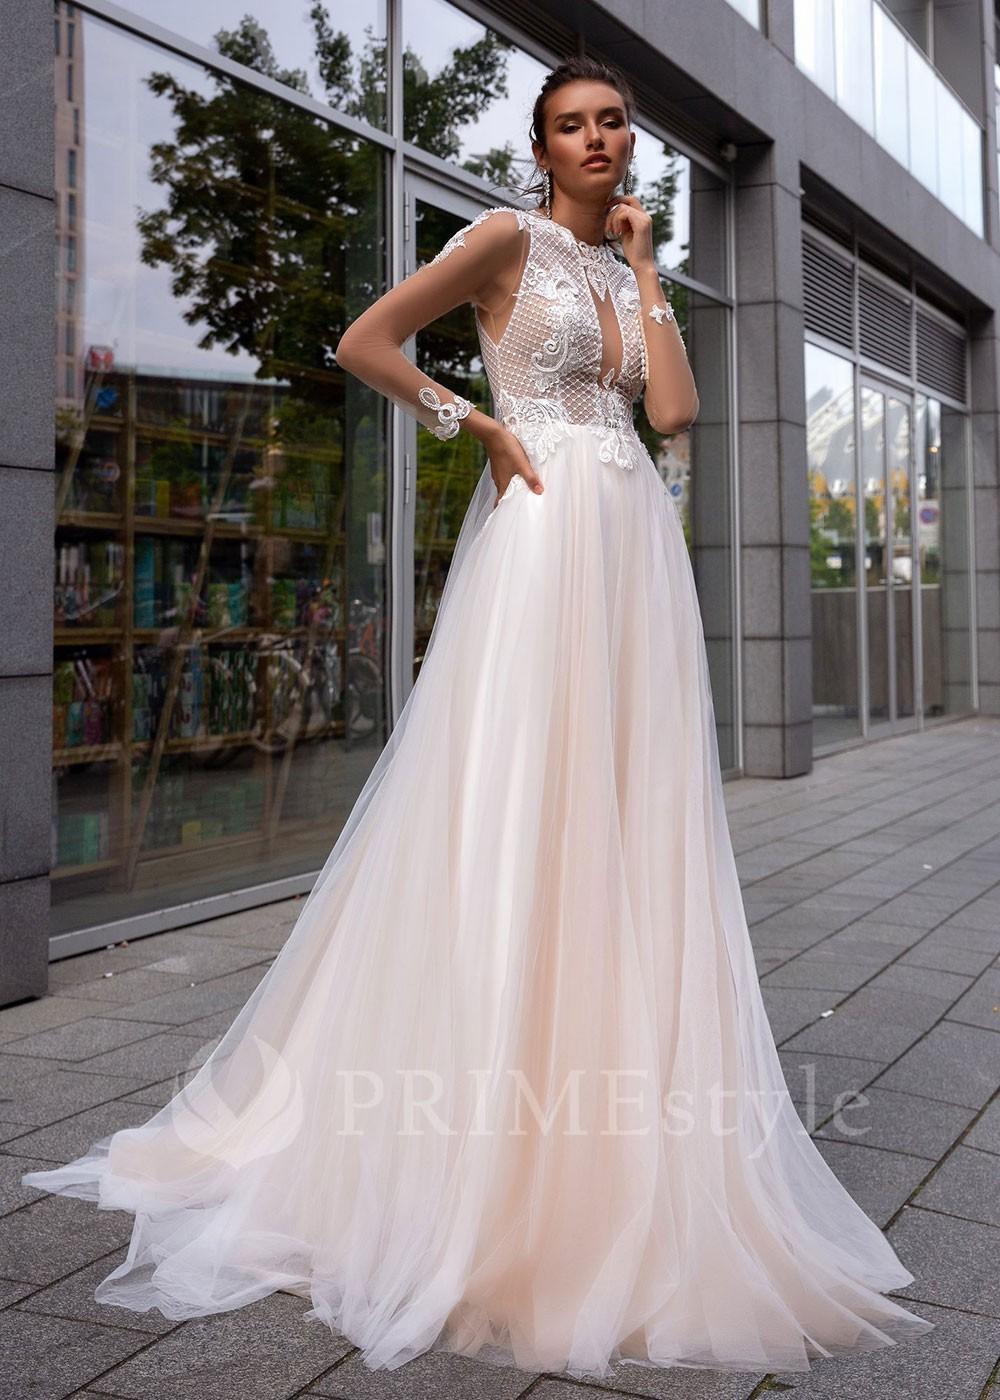 766f4a0d4e3b Romantické krajkové spoločenské šaty s dlhým rukávom a klasickým vystuženým  korzetom. Korzet a rukávy sú zdobené nádhernými krajkovými aplikáciami.